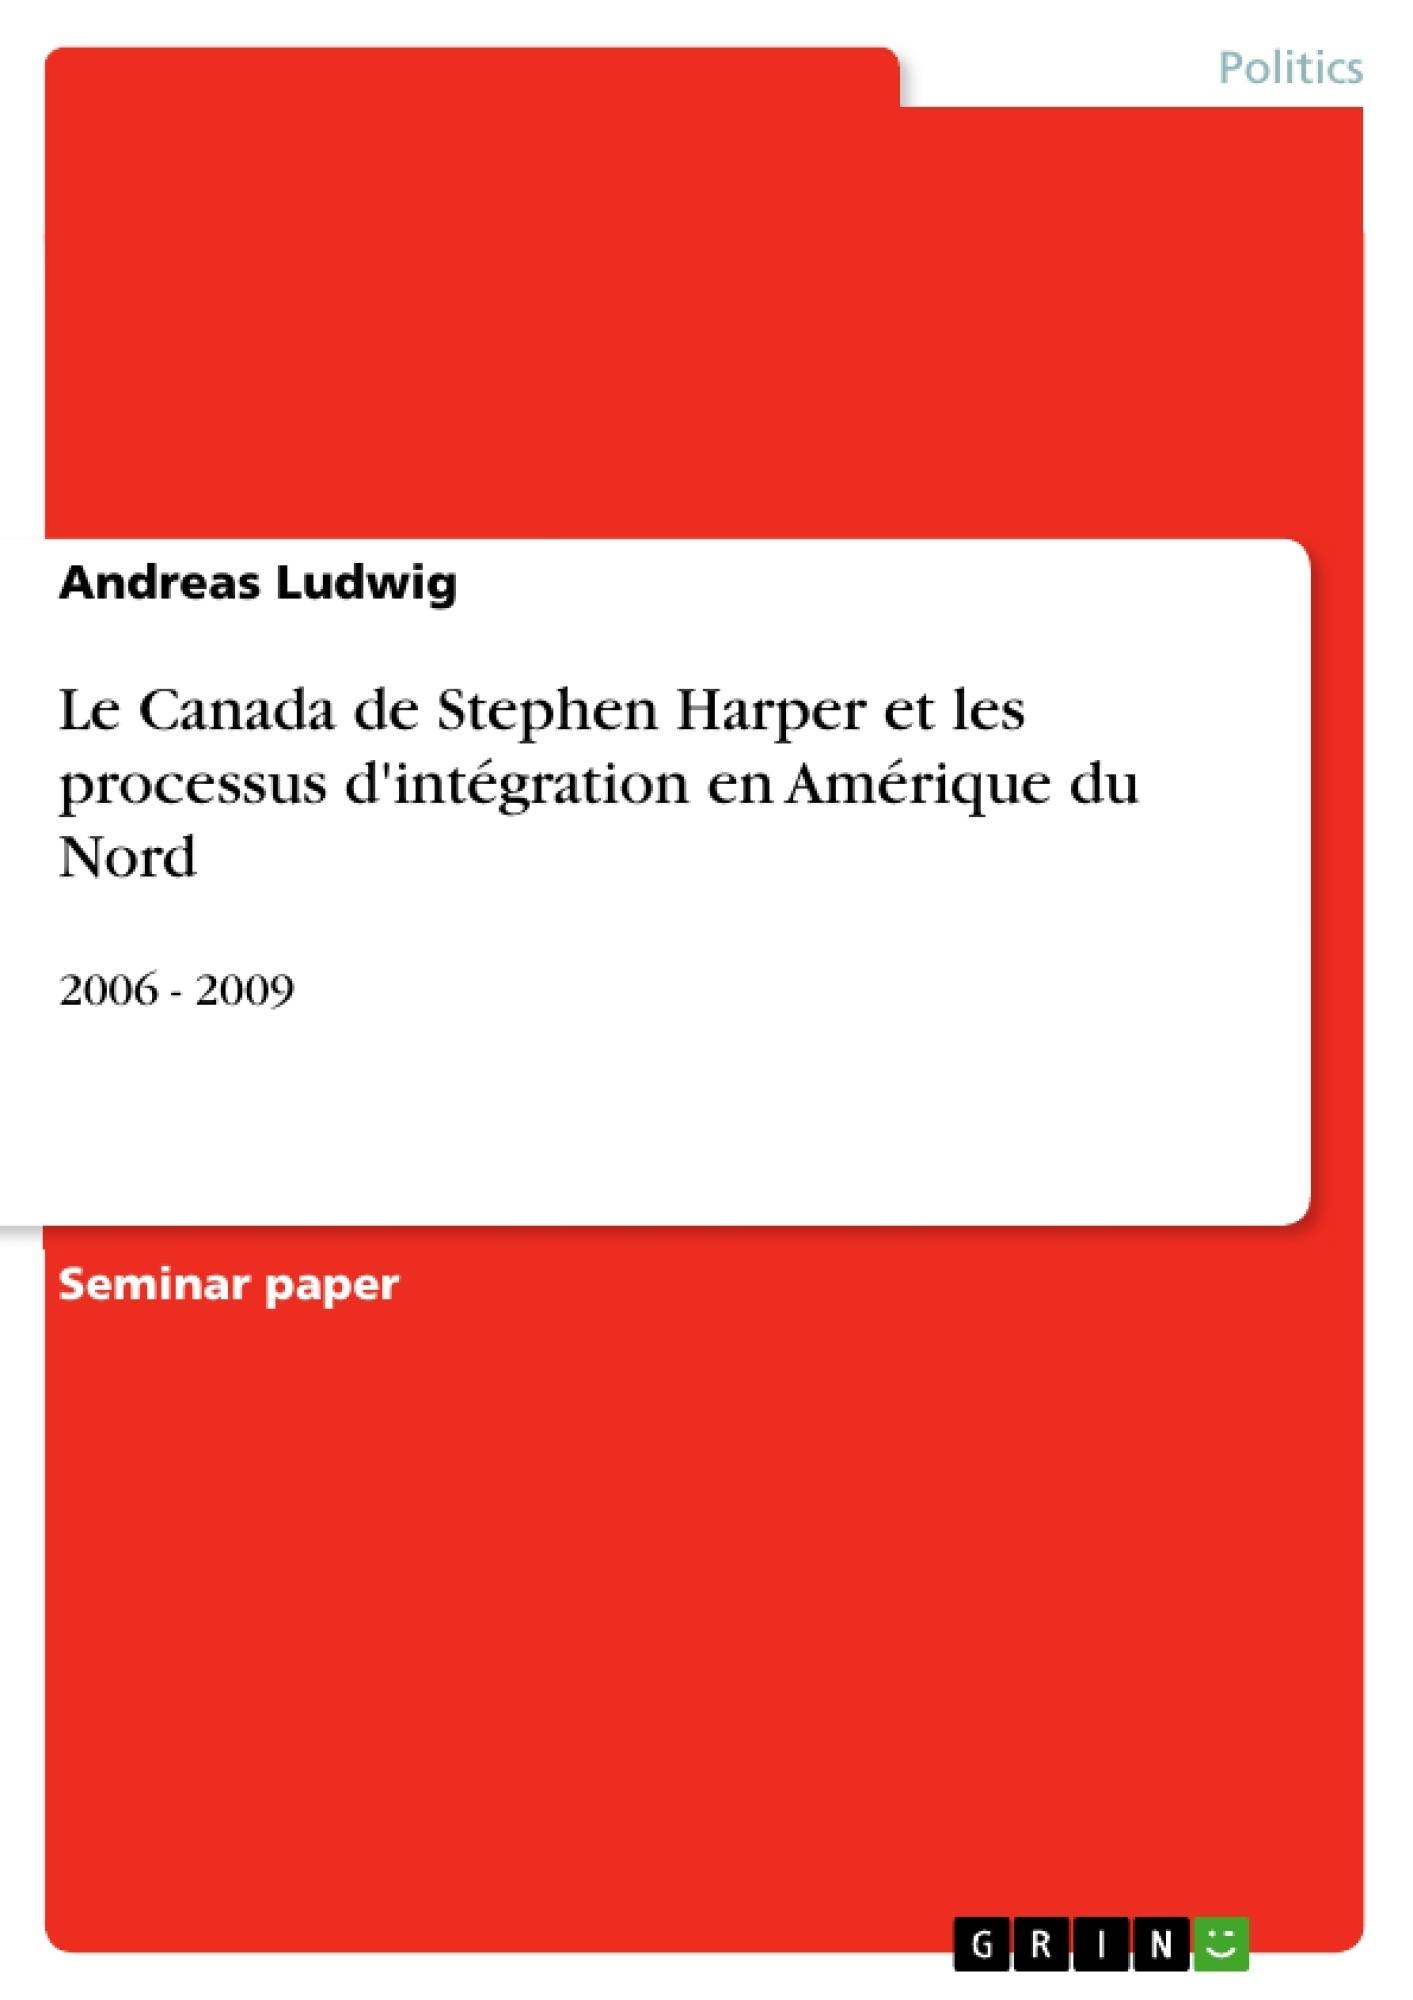 Titre: Le Canada de Stephen Harper et les processus d'intégration en Amérique du Nord